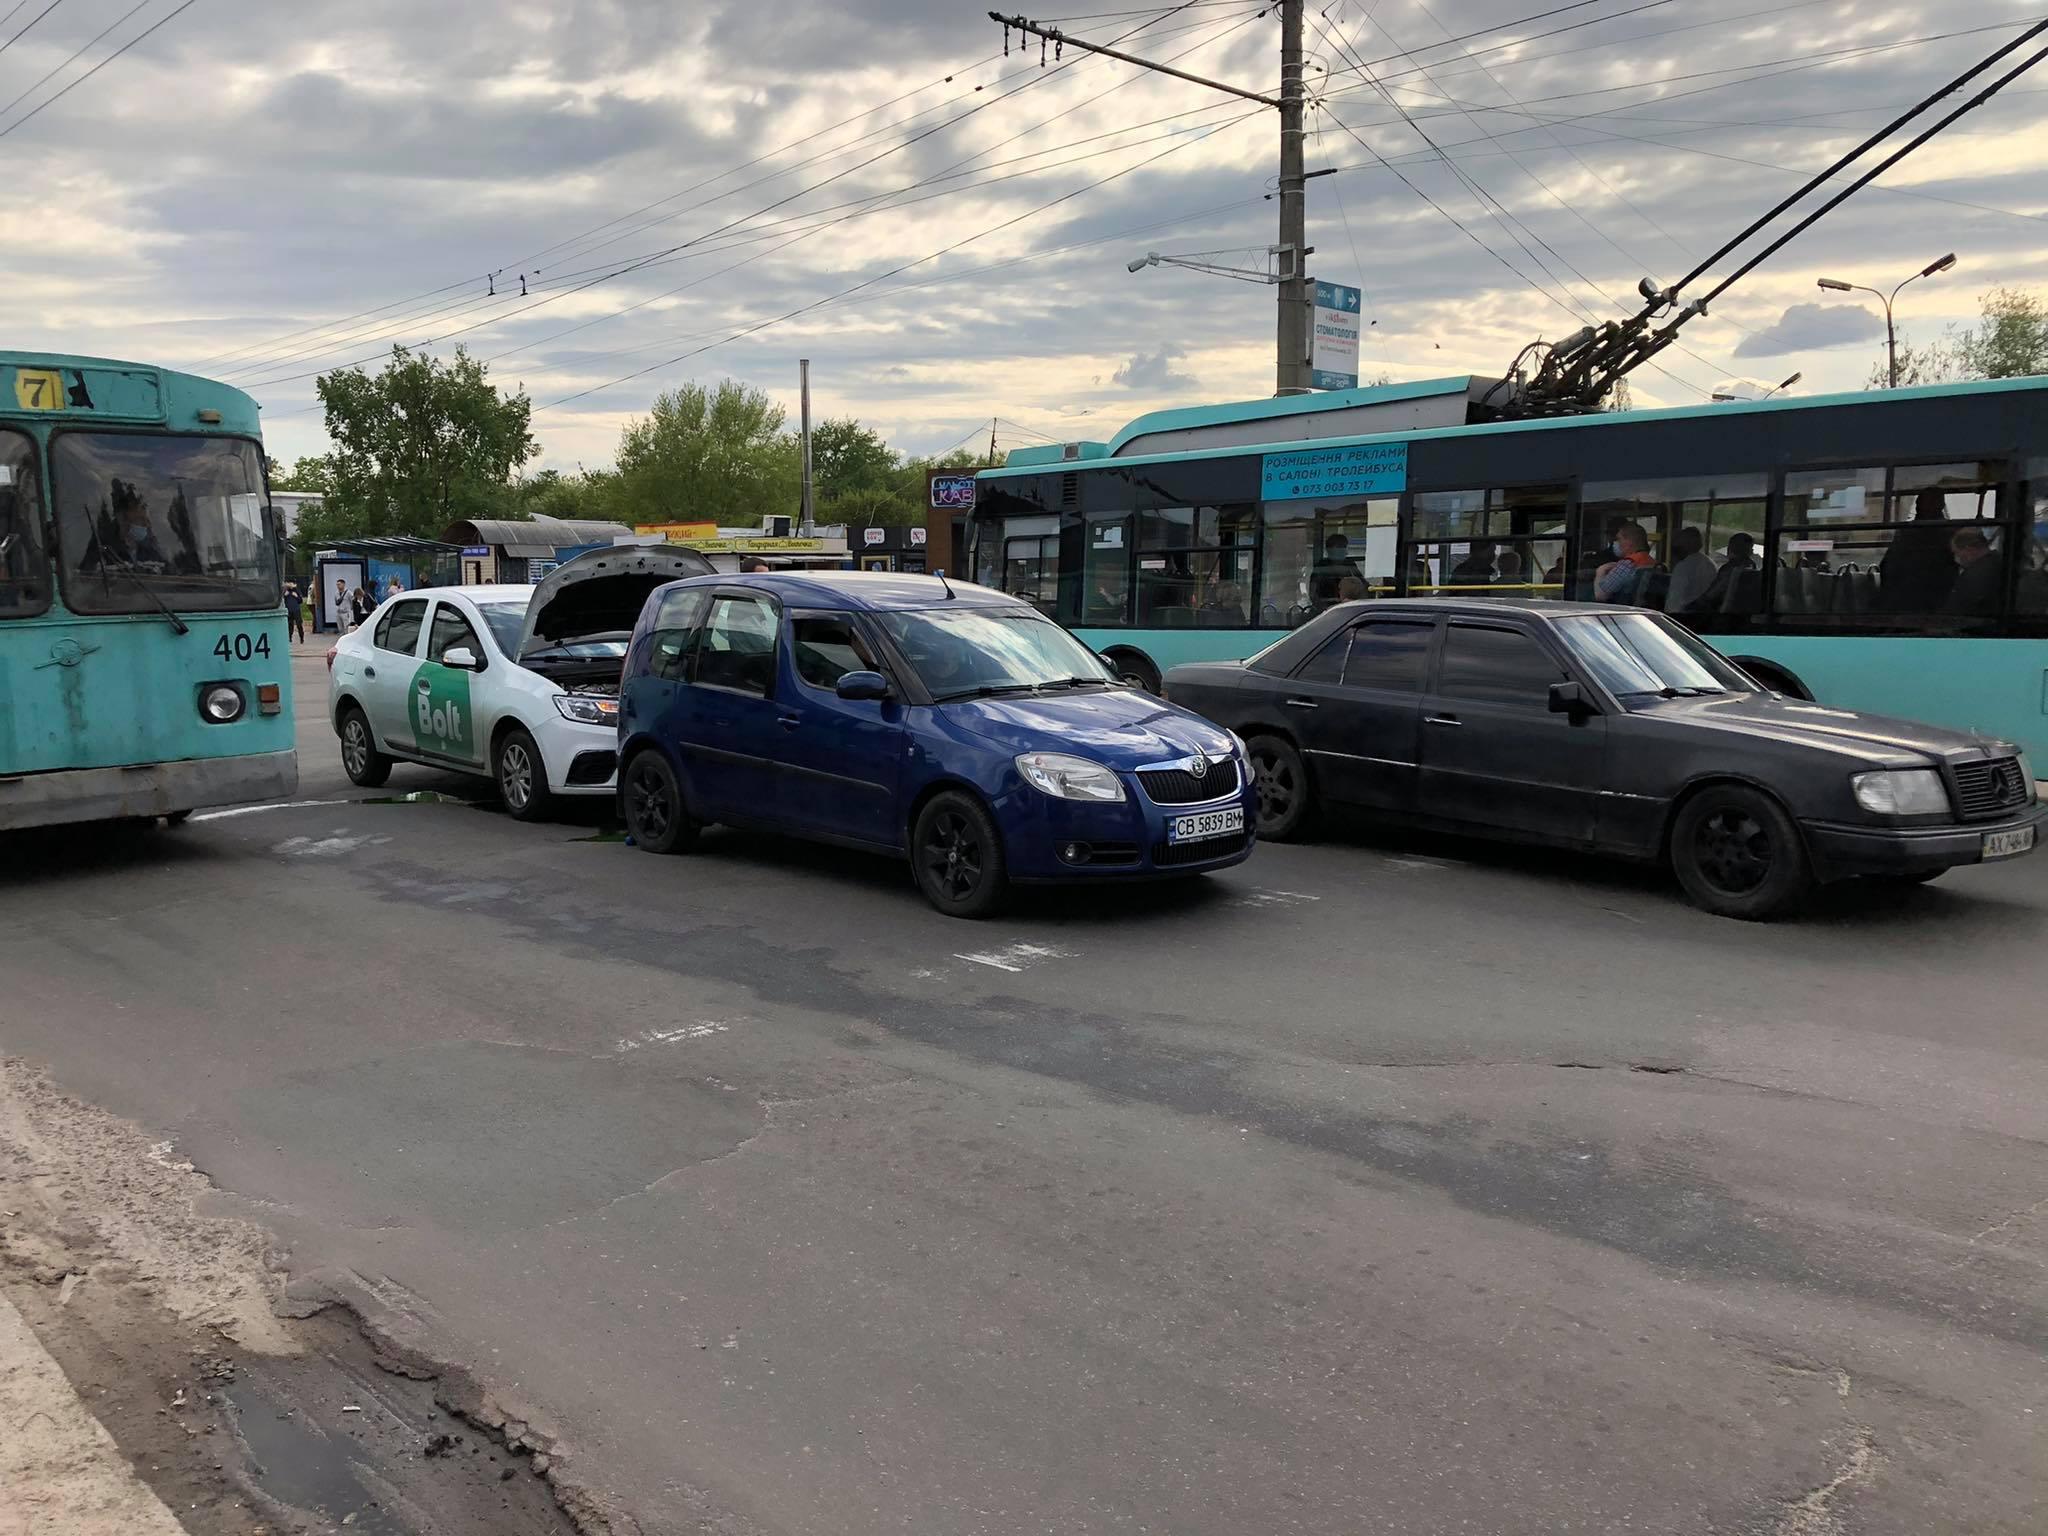 У Чернігові таксі потрапило у ДТП (Фотофакт)